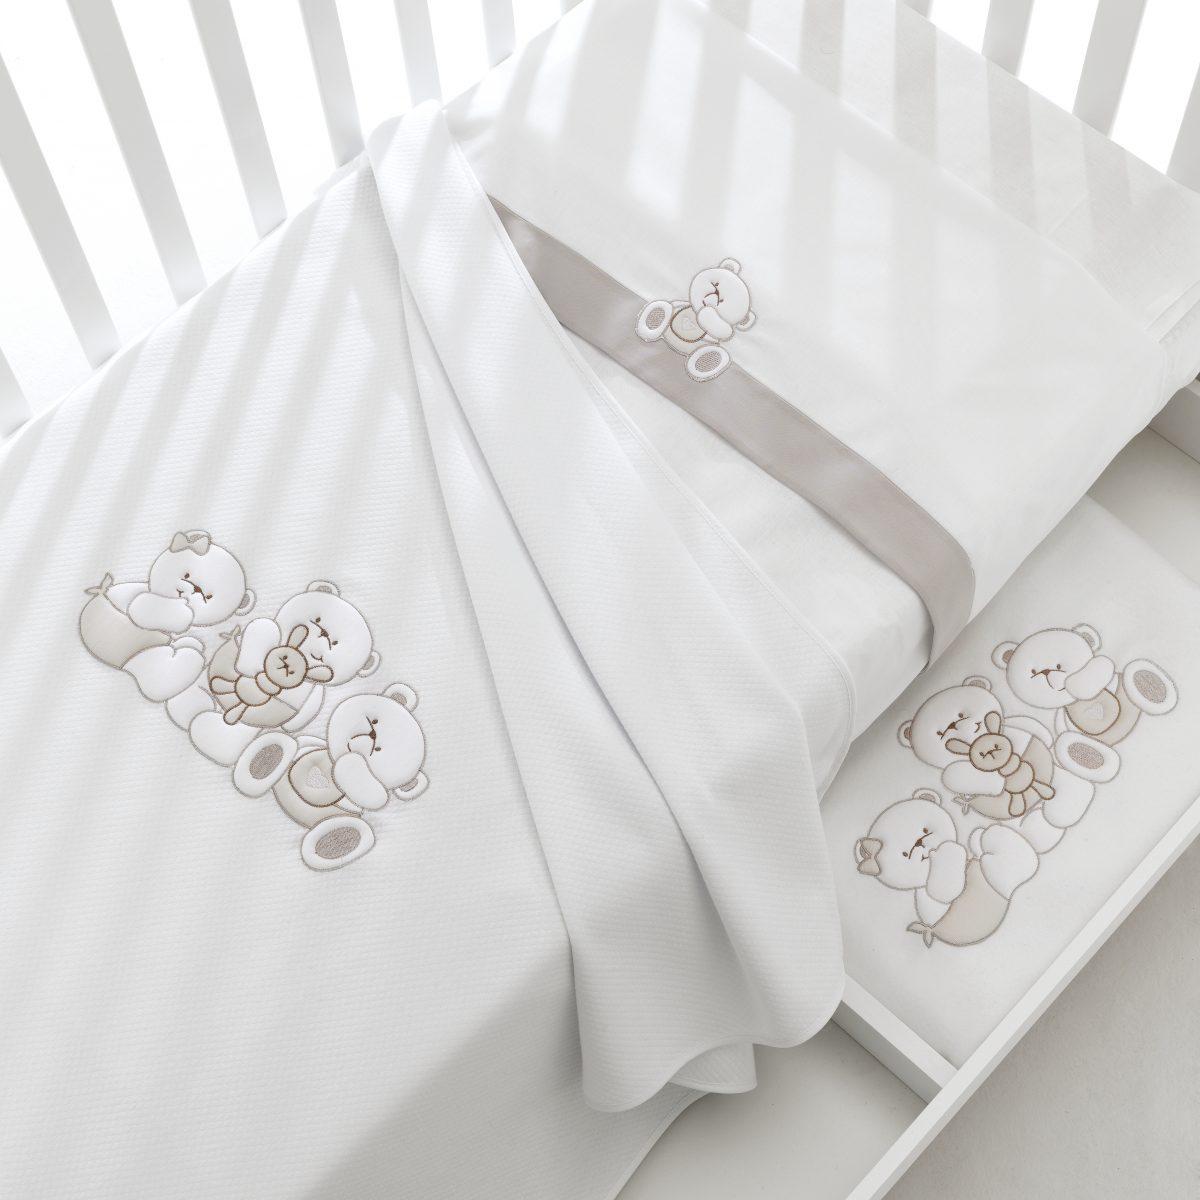 luxusní dětský nábytek - designové textilie s medvídky Mirtillo